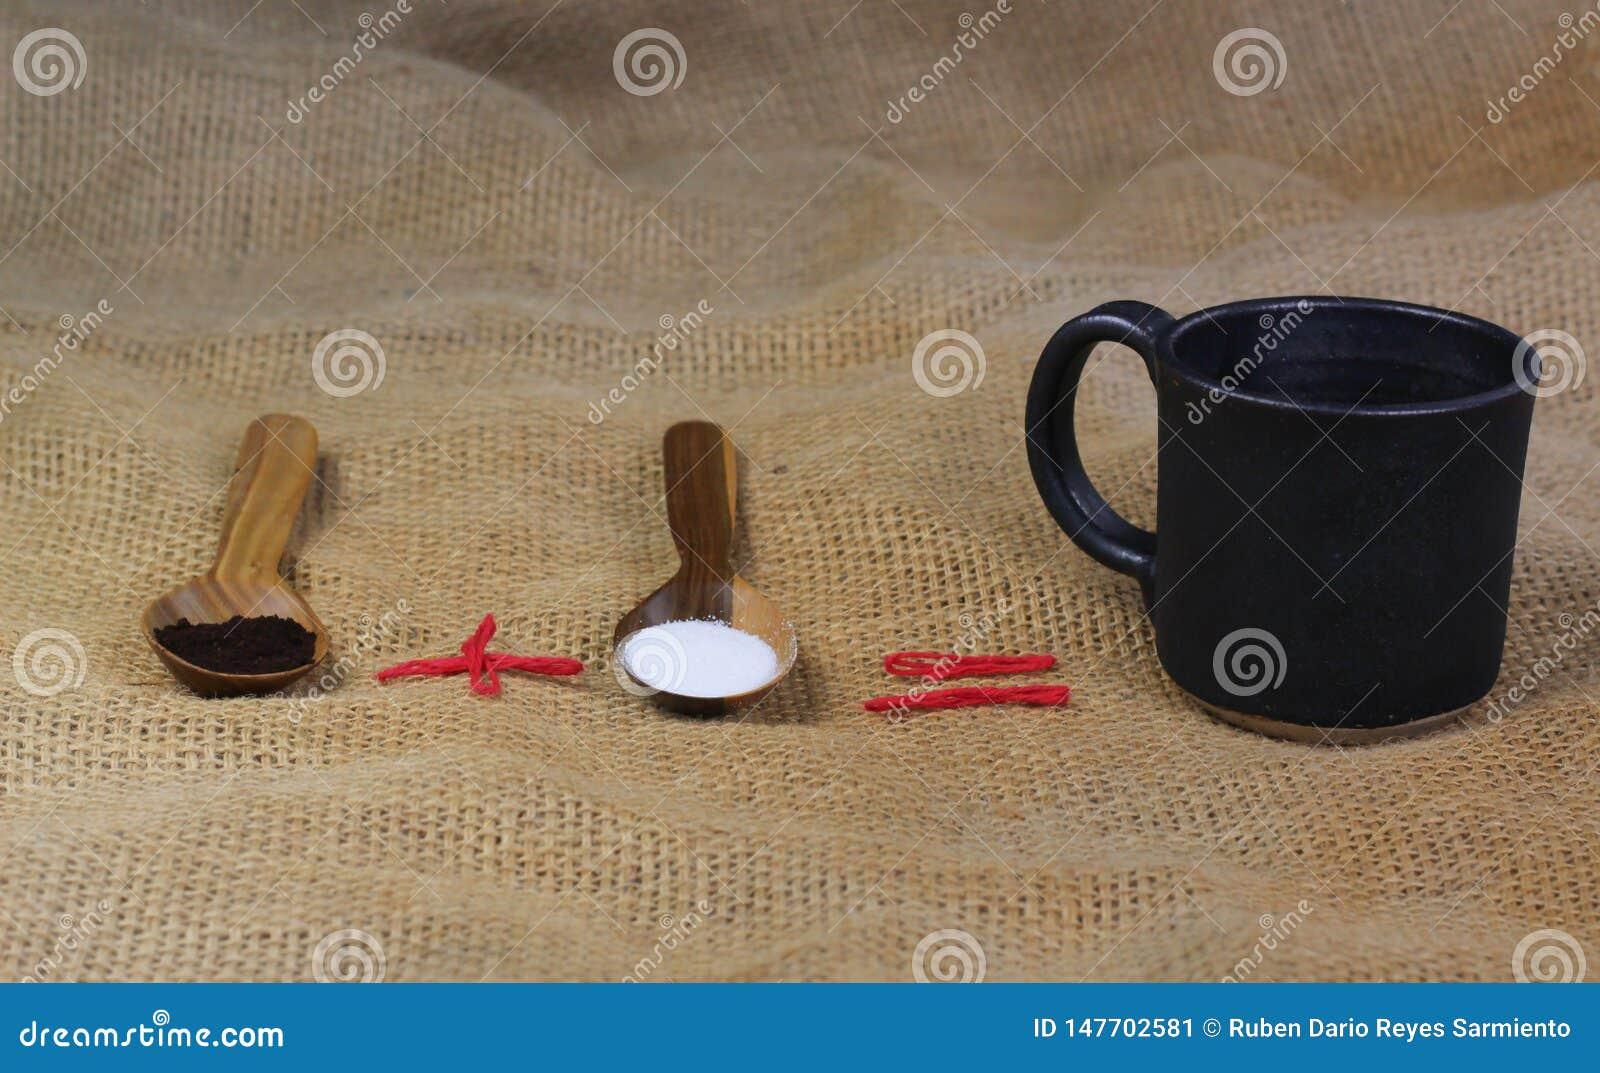 Fili?anka kawy obok drewnianych ?y?ek z kaw? i cukierem